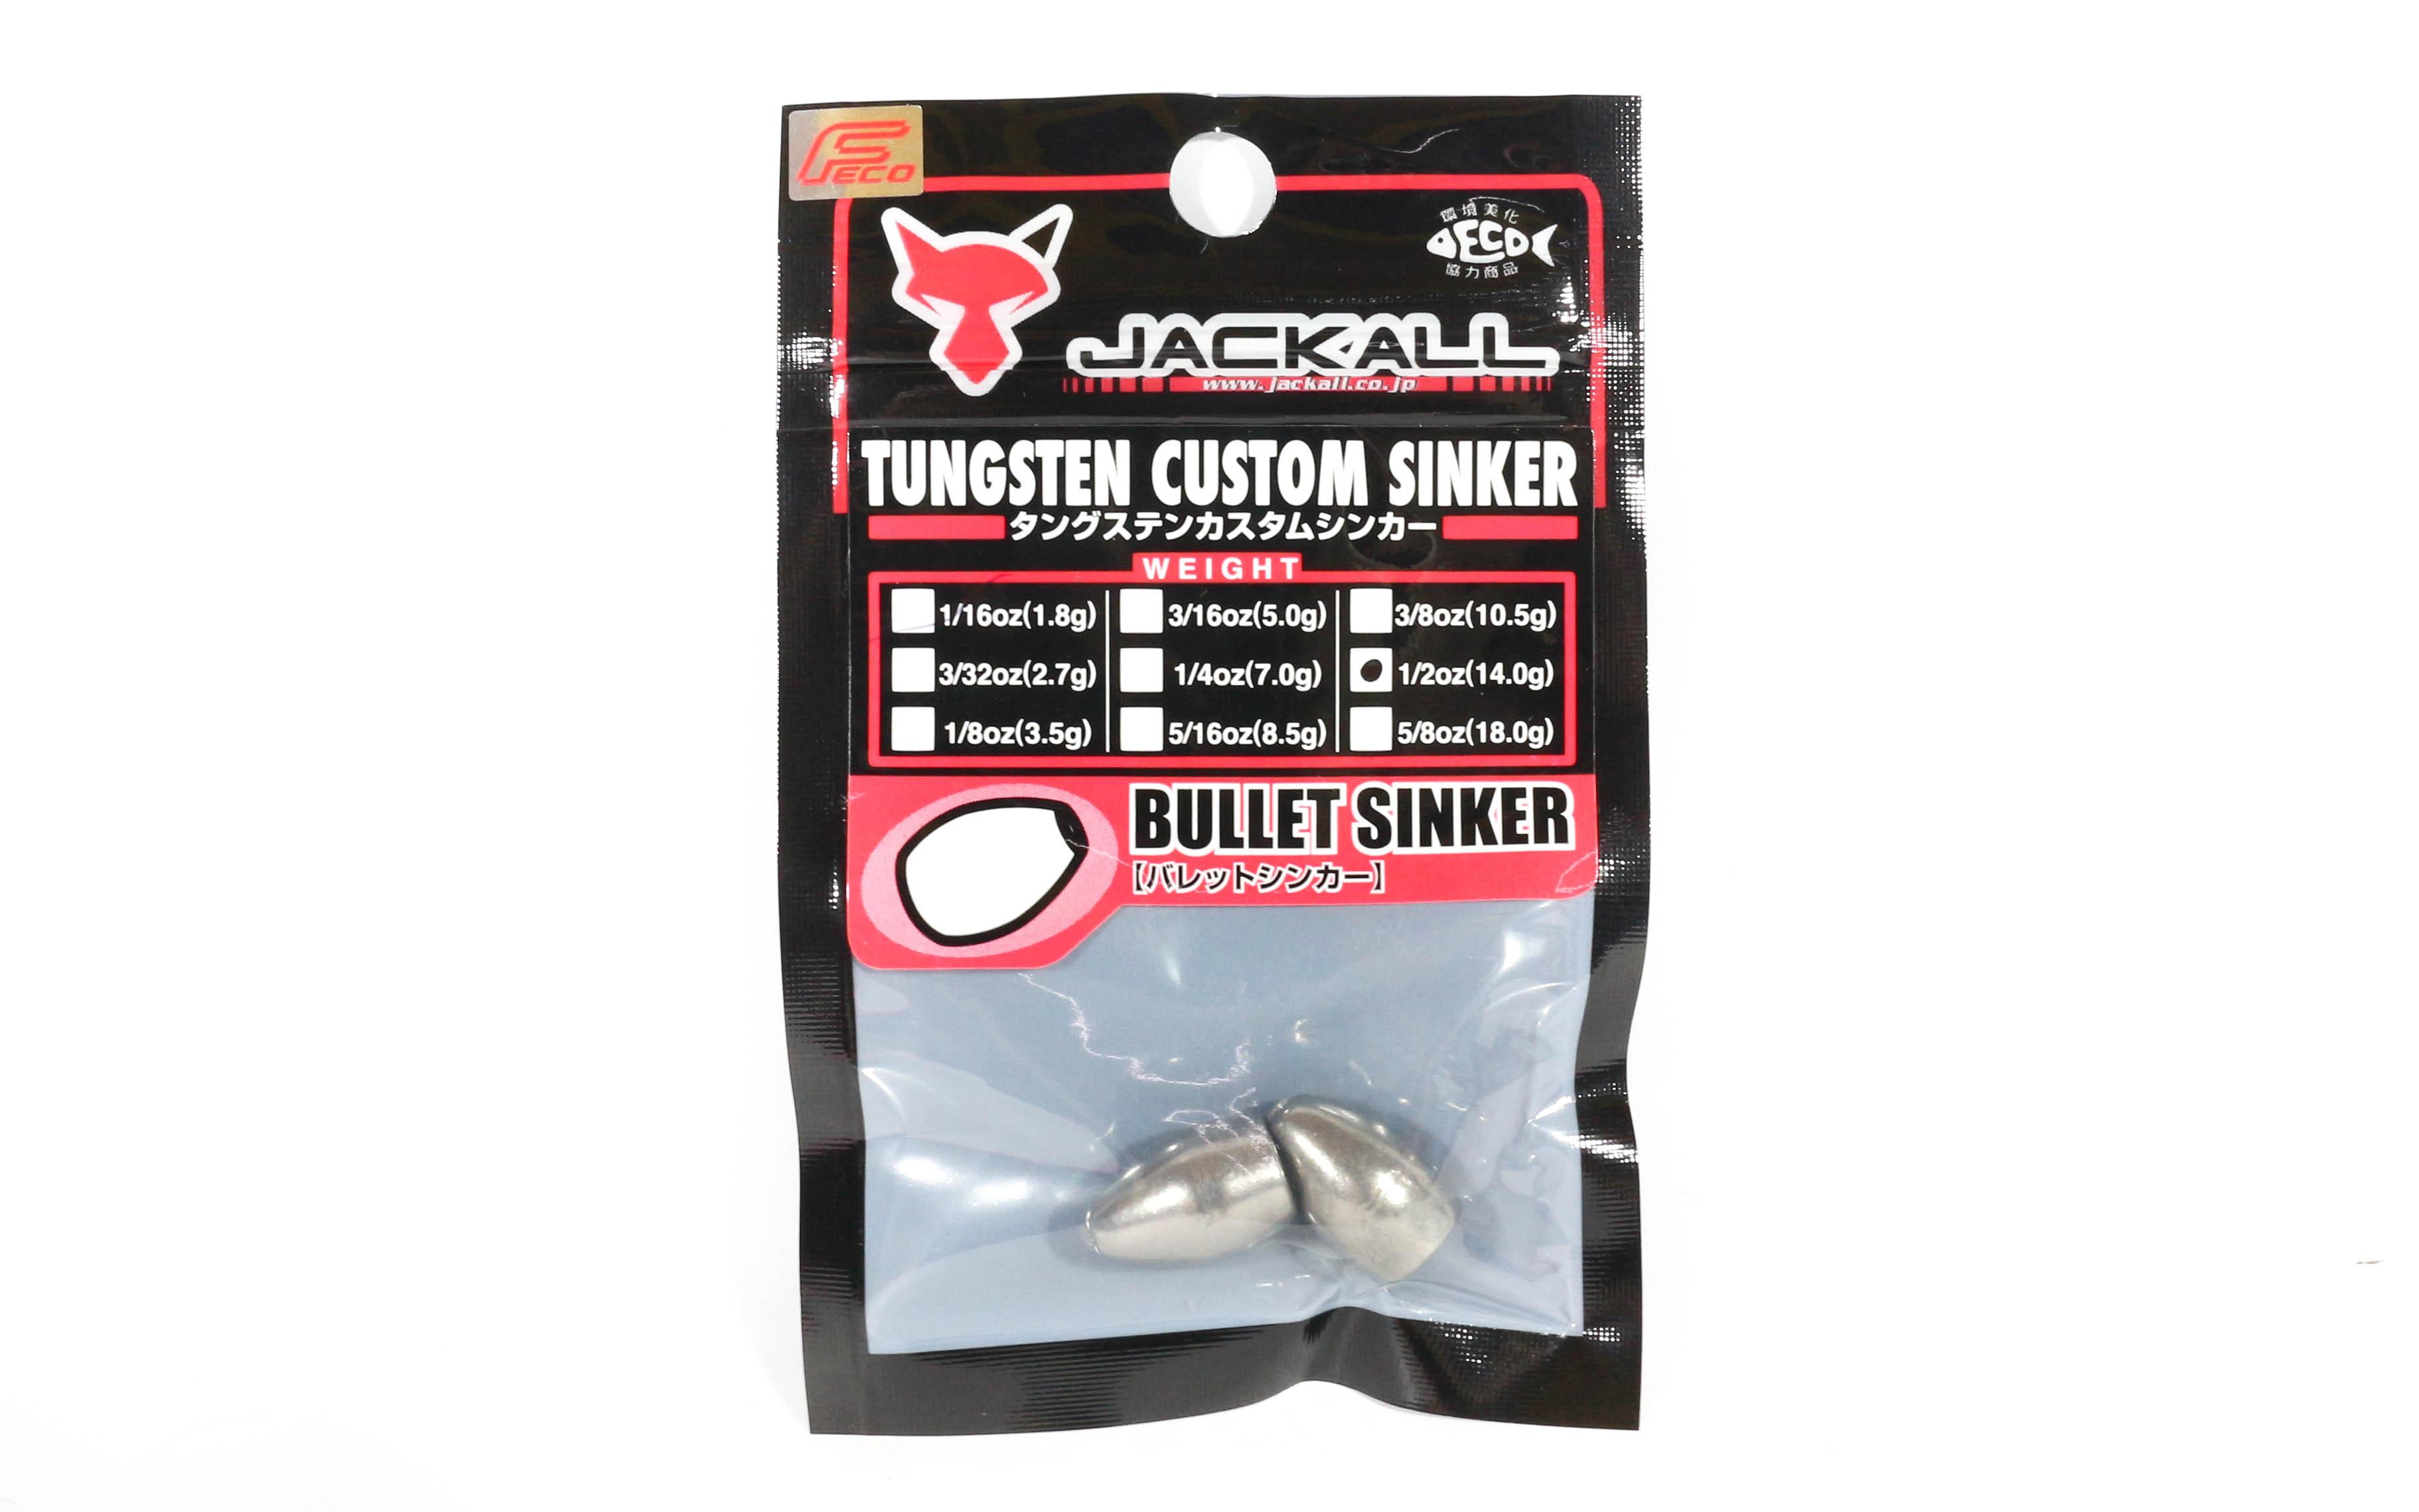 Jackall Tungsten Bullet Sinker Custom Design 14 Grams - 2 Pcs Per Pack (8599)